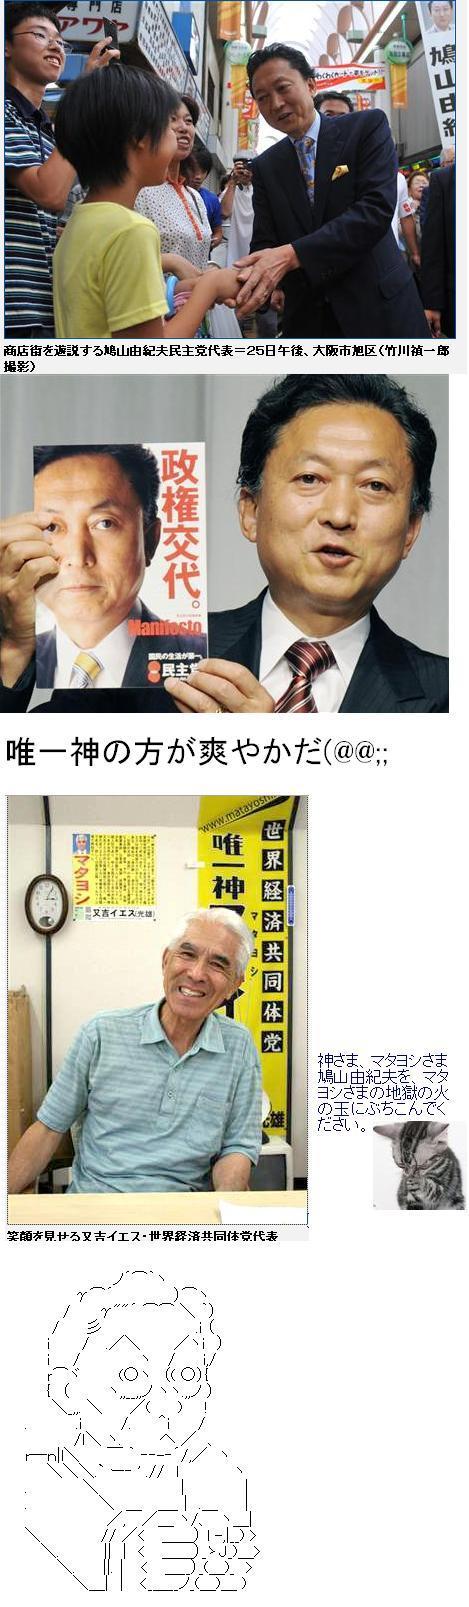 hatoyamataifomae200907.jpg